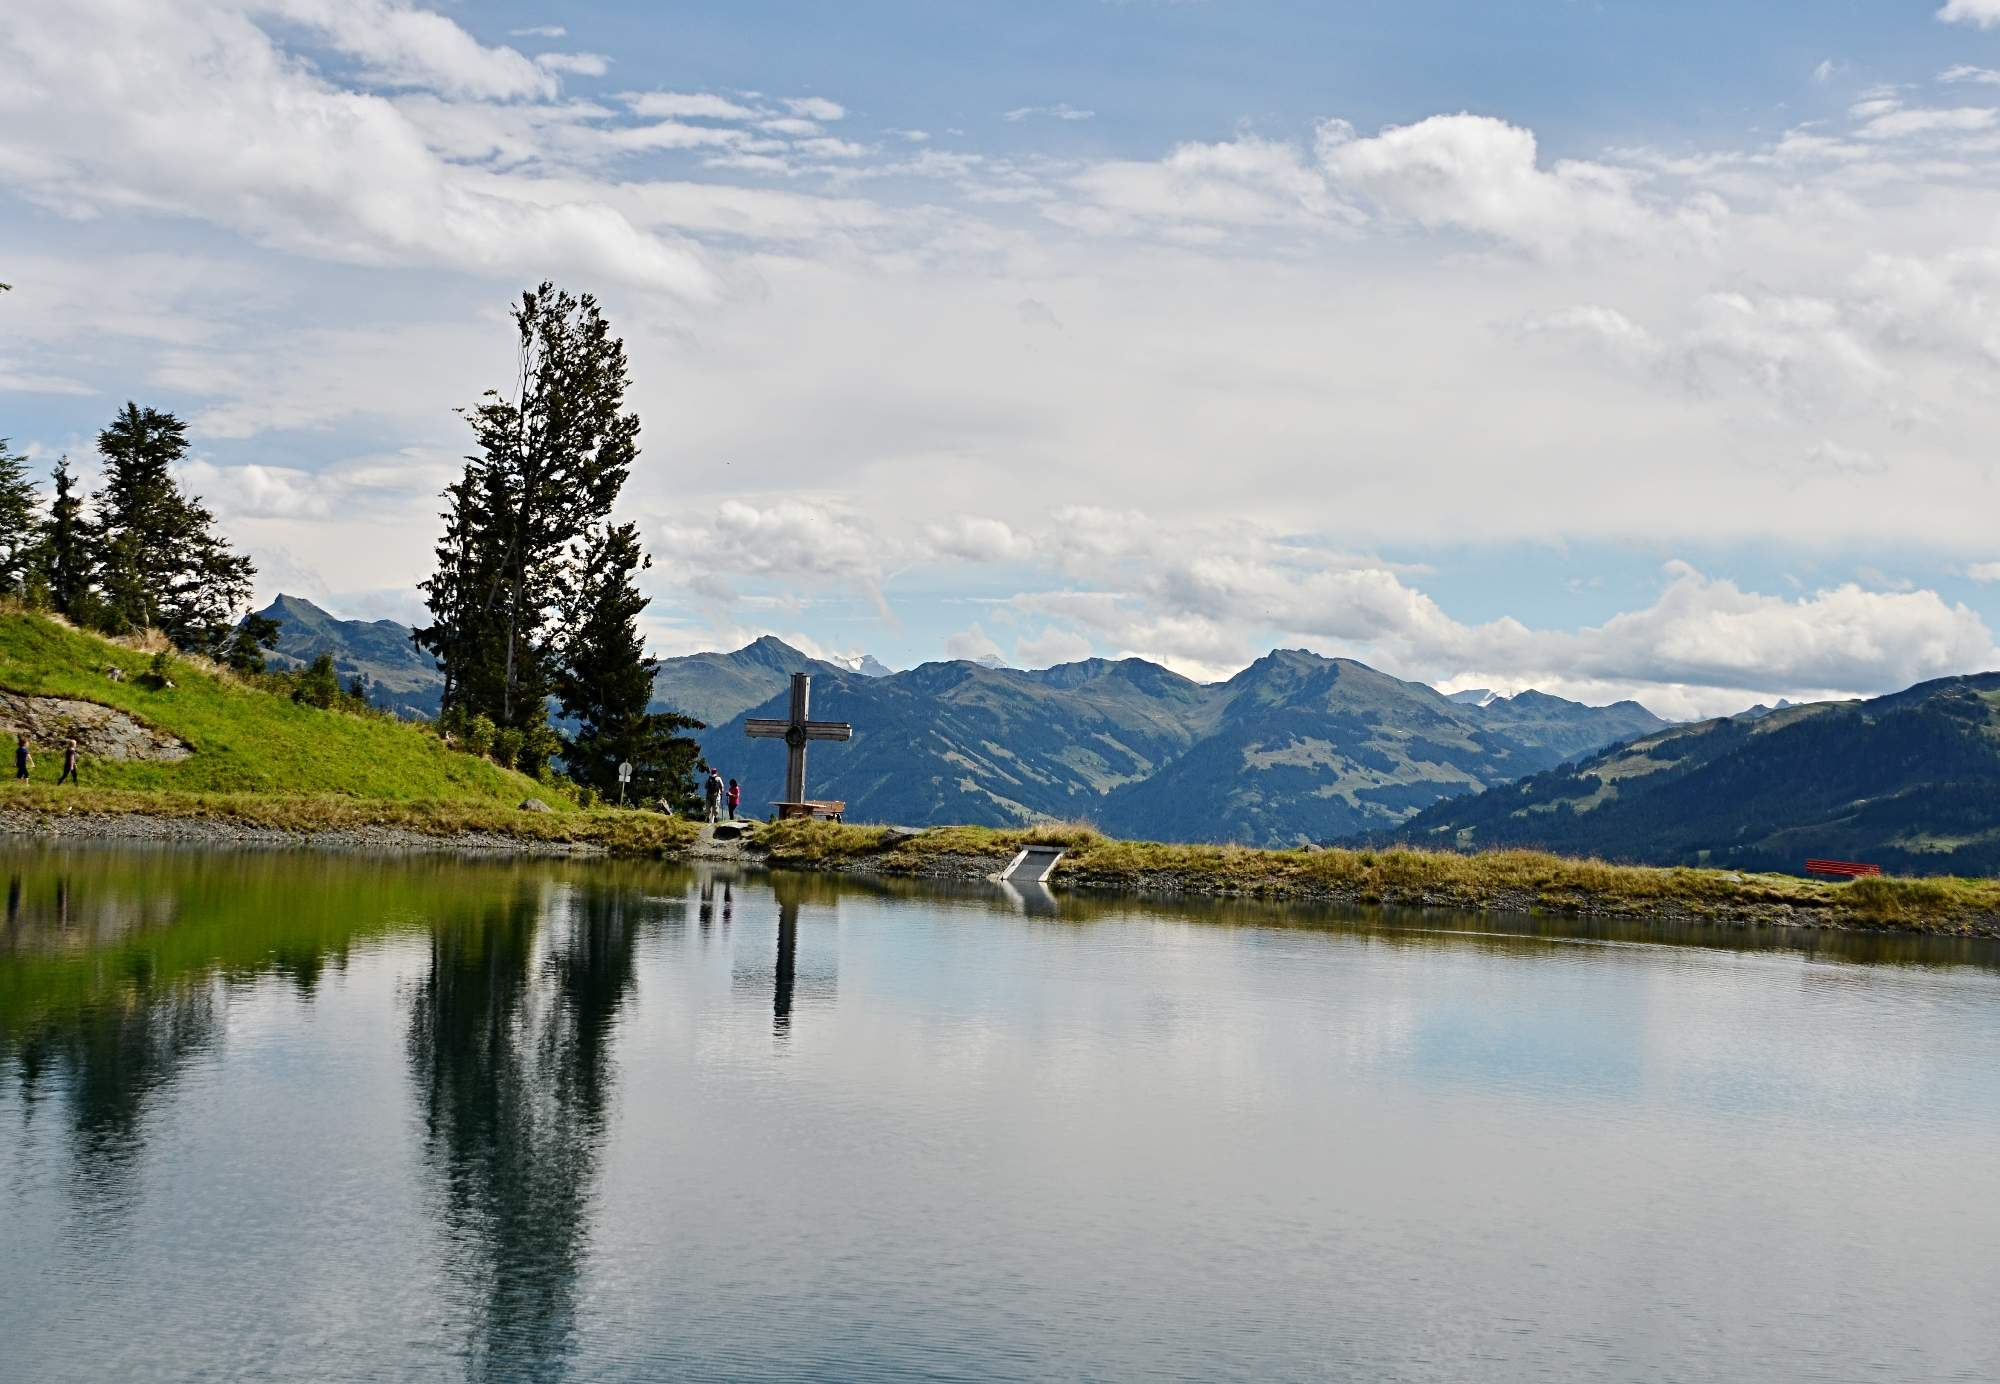 Fotografie hor má krásných 126 zobrazení a Rajče se jí pyšní jako oblíbenou fotkou. (Zdroj: CZ.NIC)